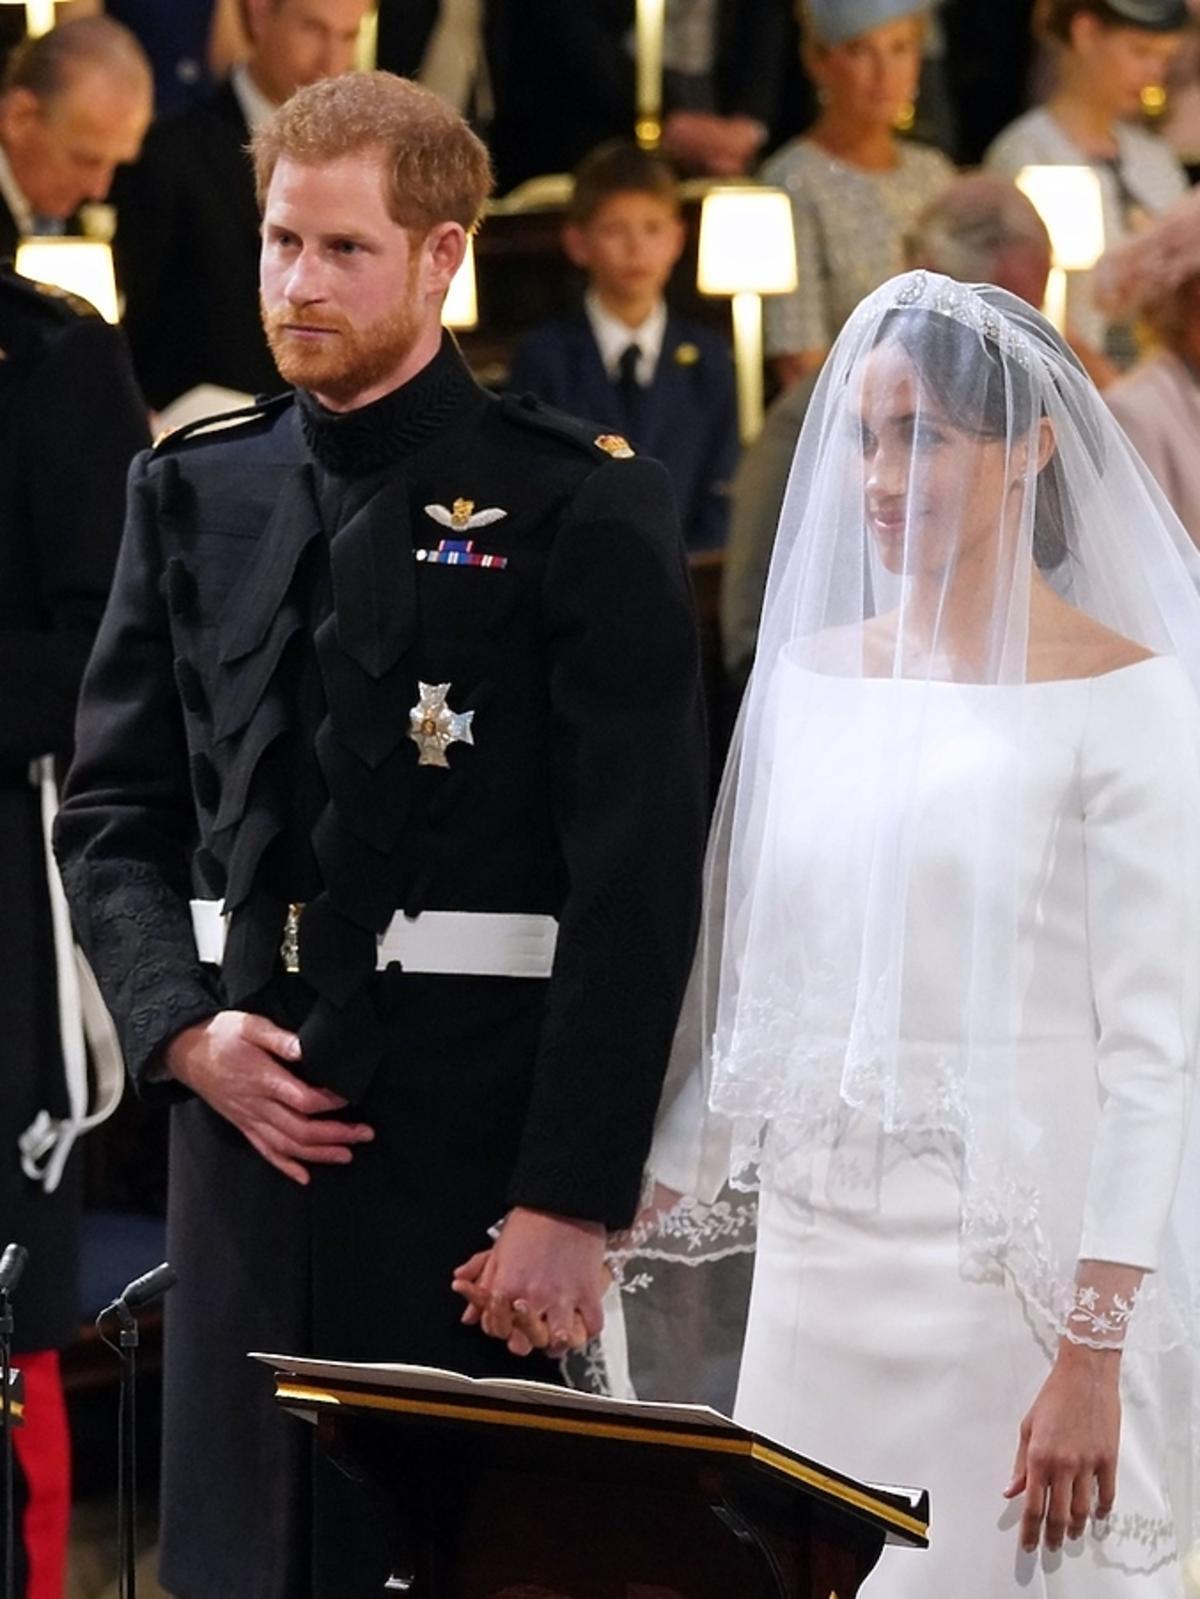 Książę Harry i Meghan Markle podczas ceremonii w kaplicy w Windsorze